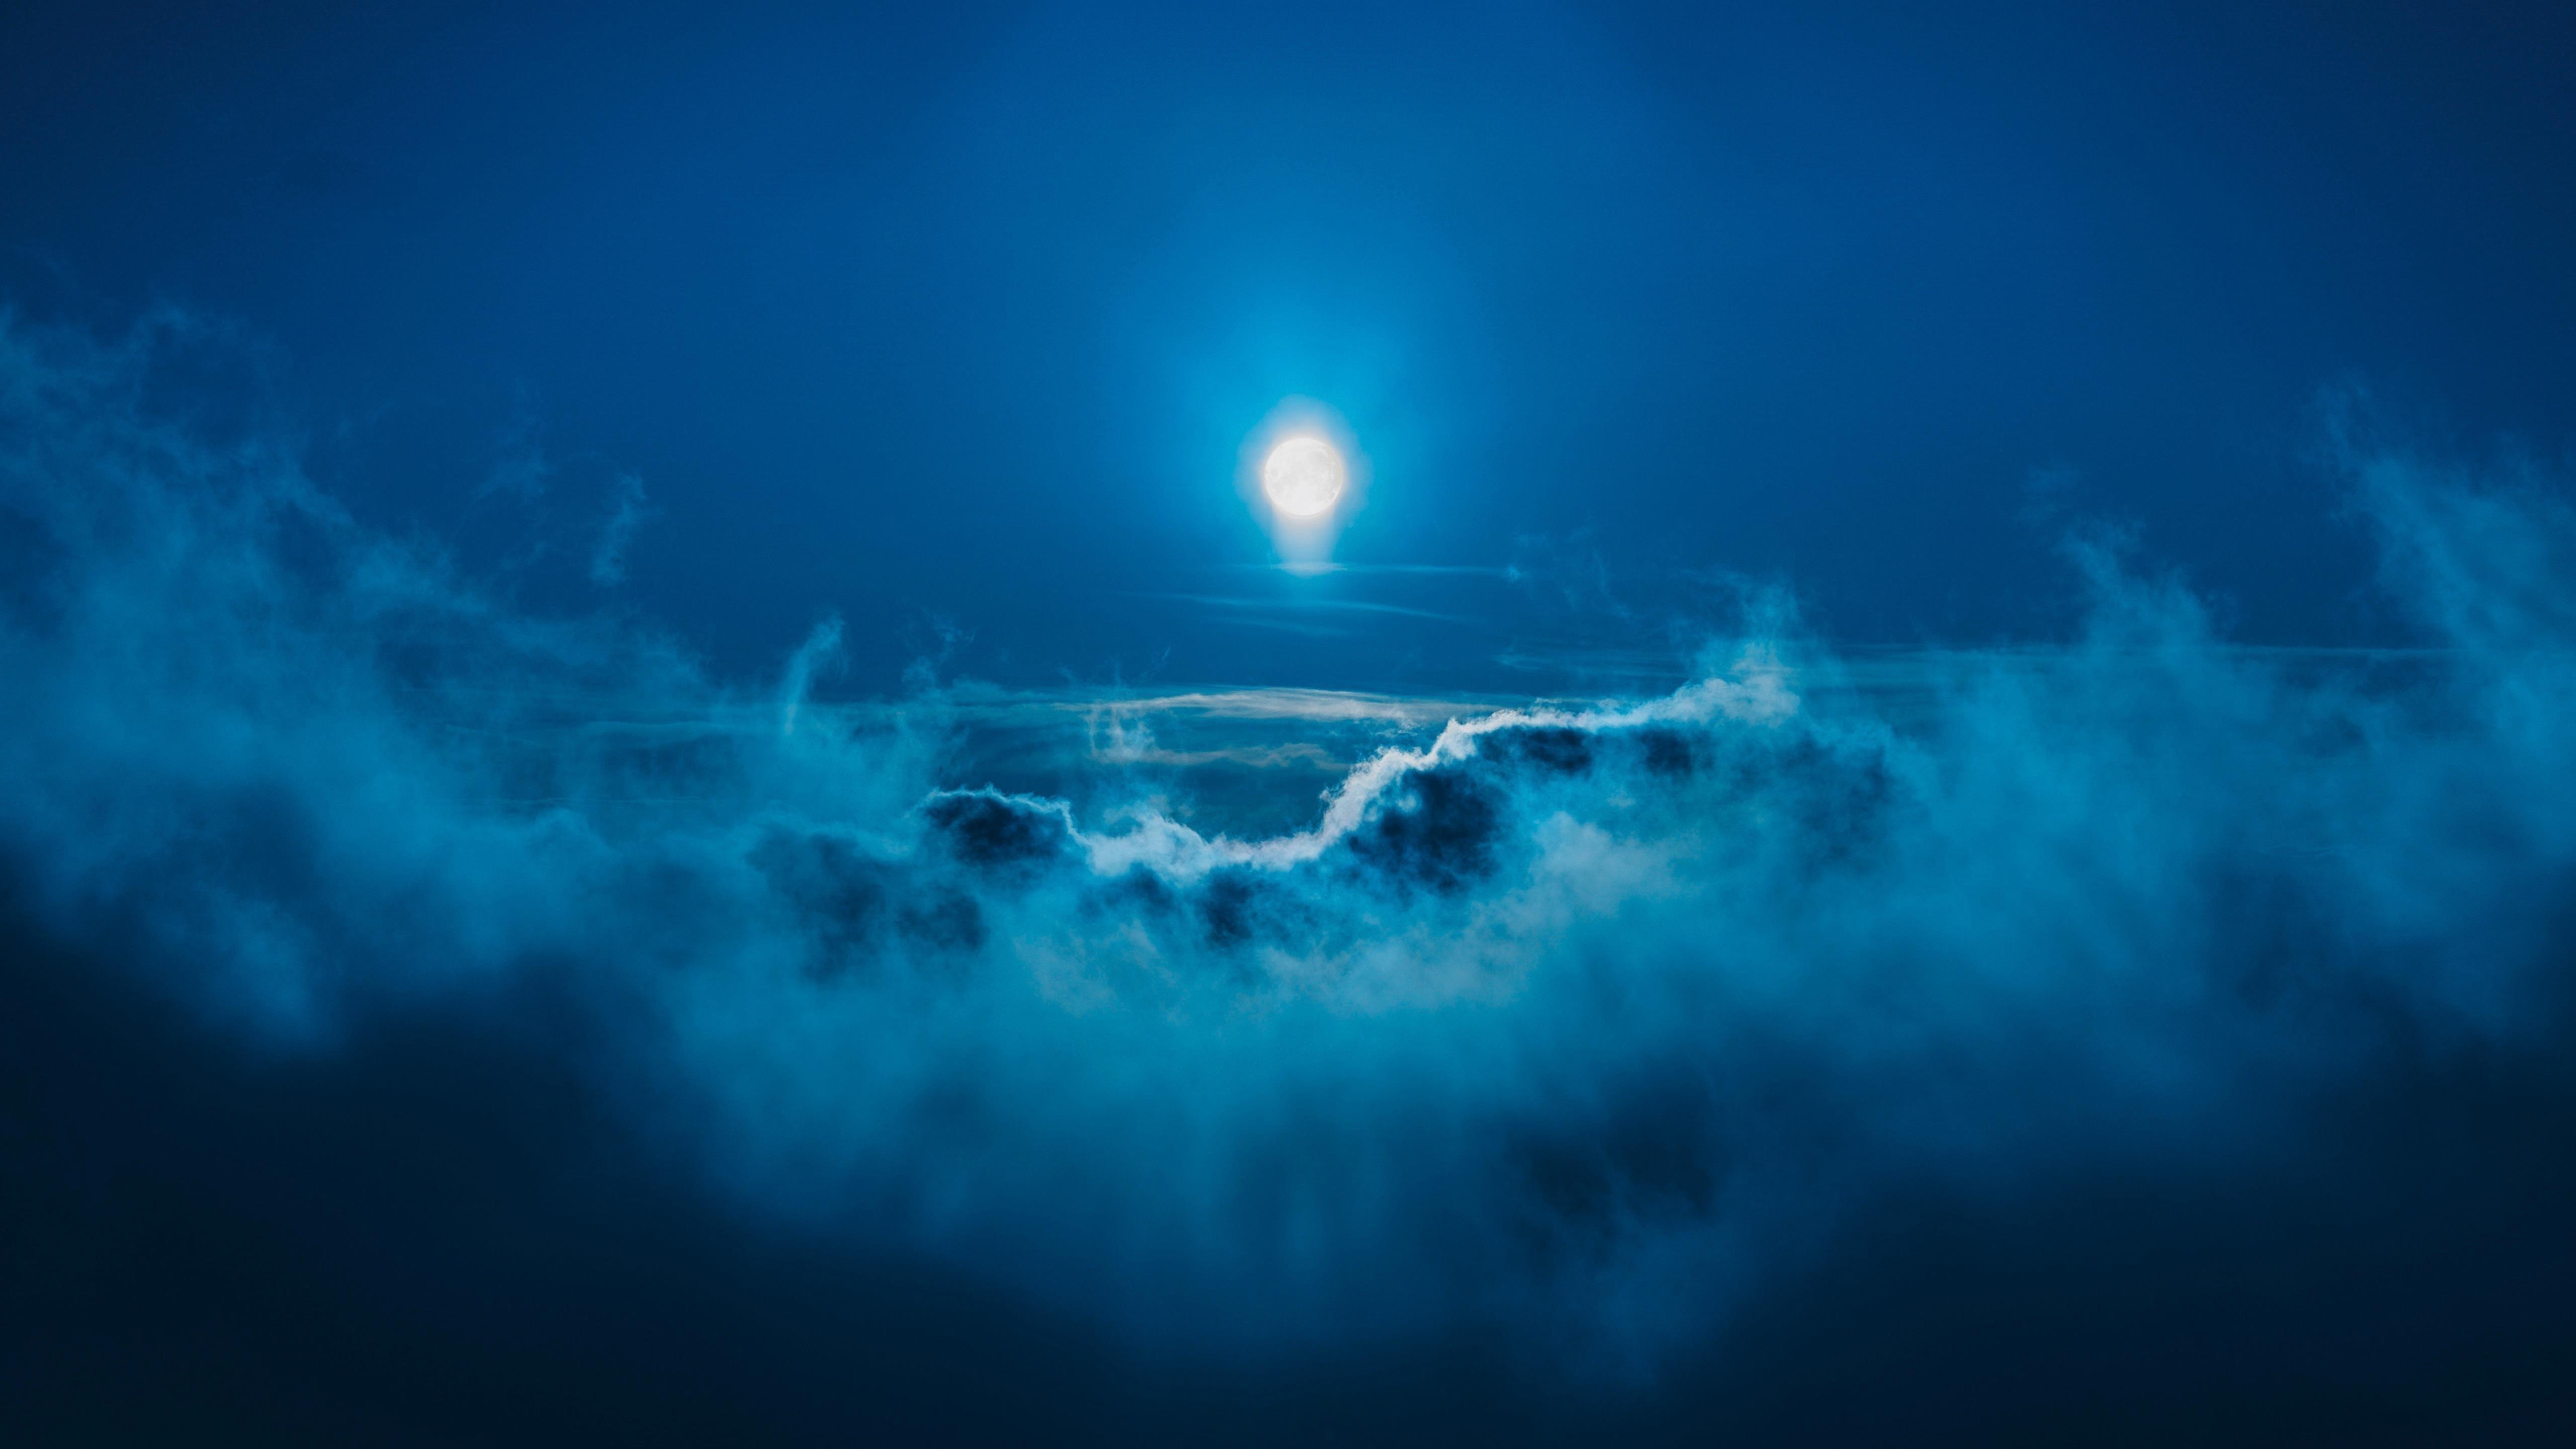 Лунная ночь обои скачать